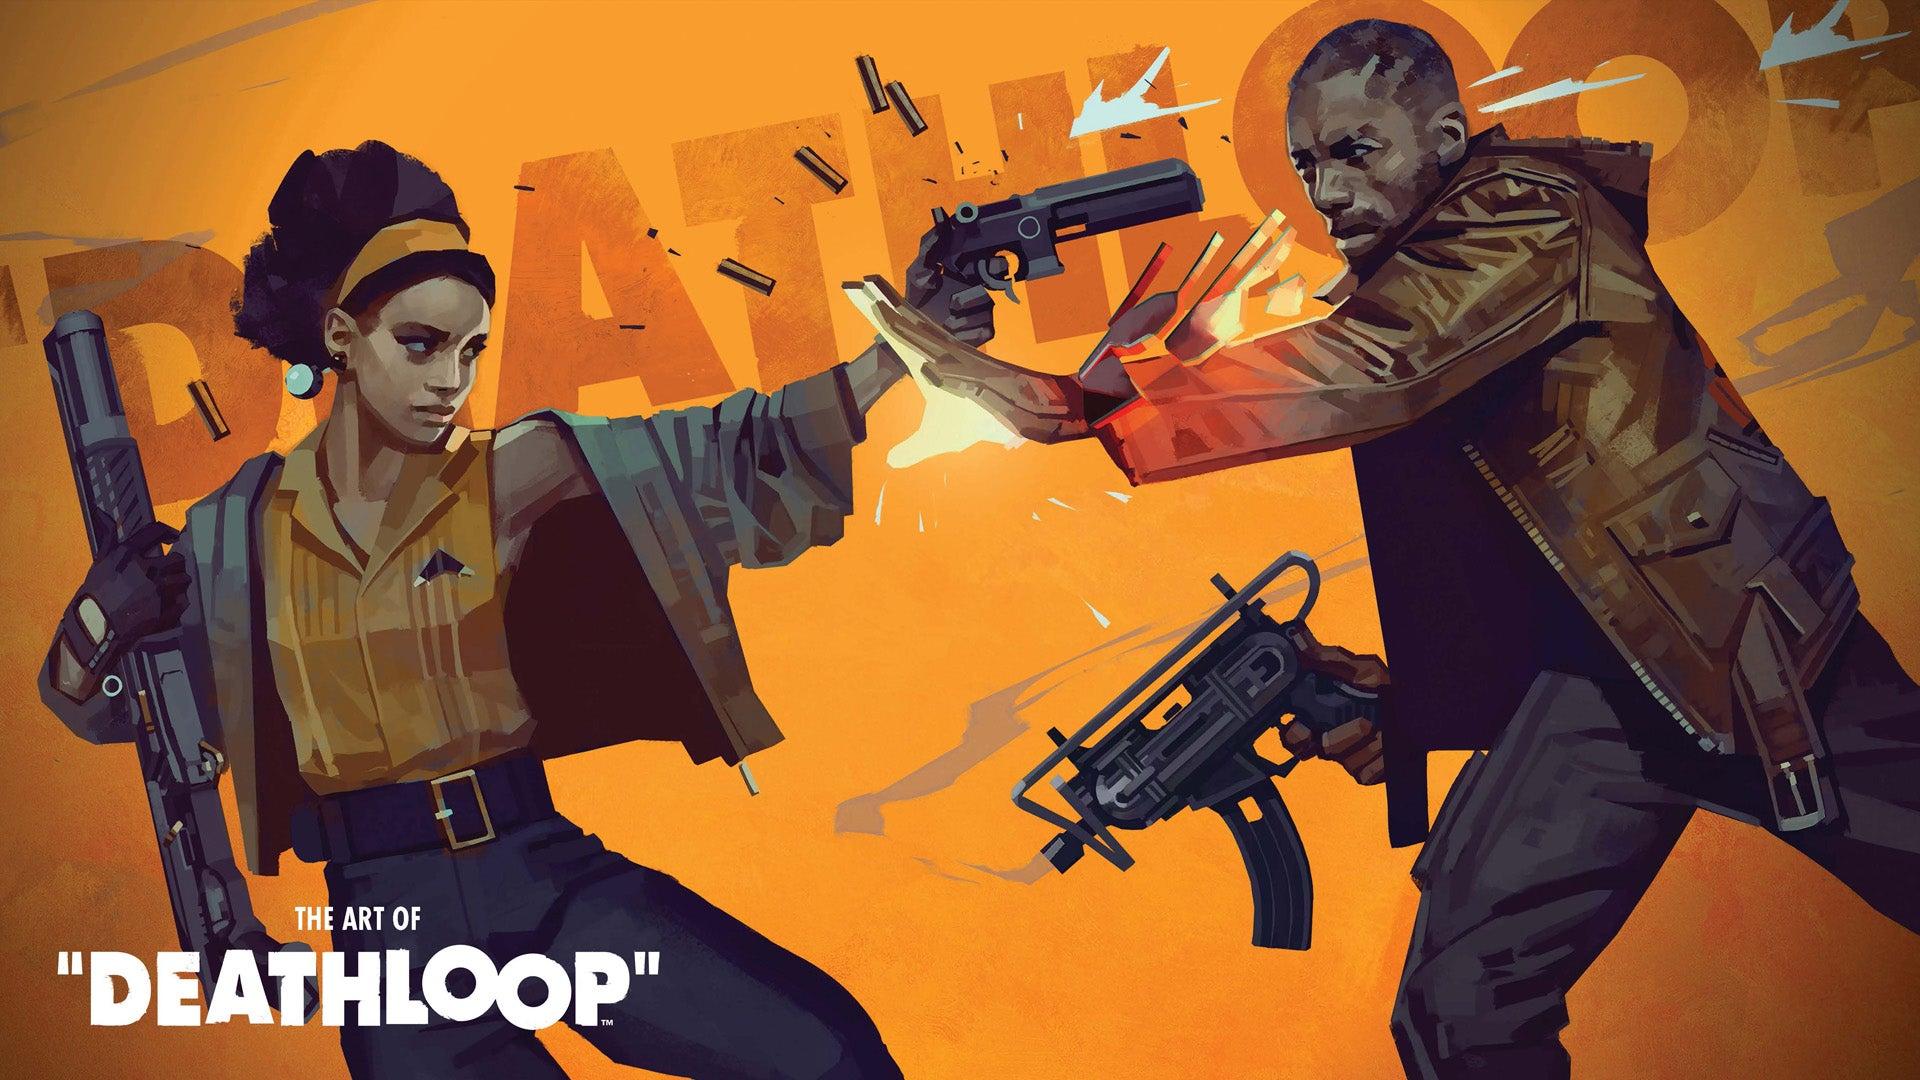 نیم نگاه؛ نکاتی که باید پیش از خرید بازی Deathloop بدانید